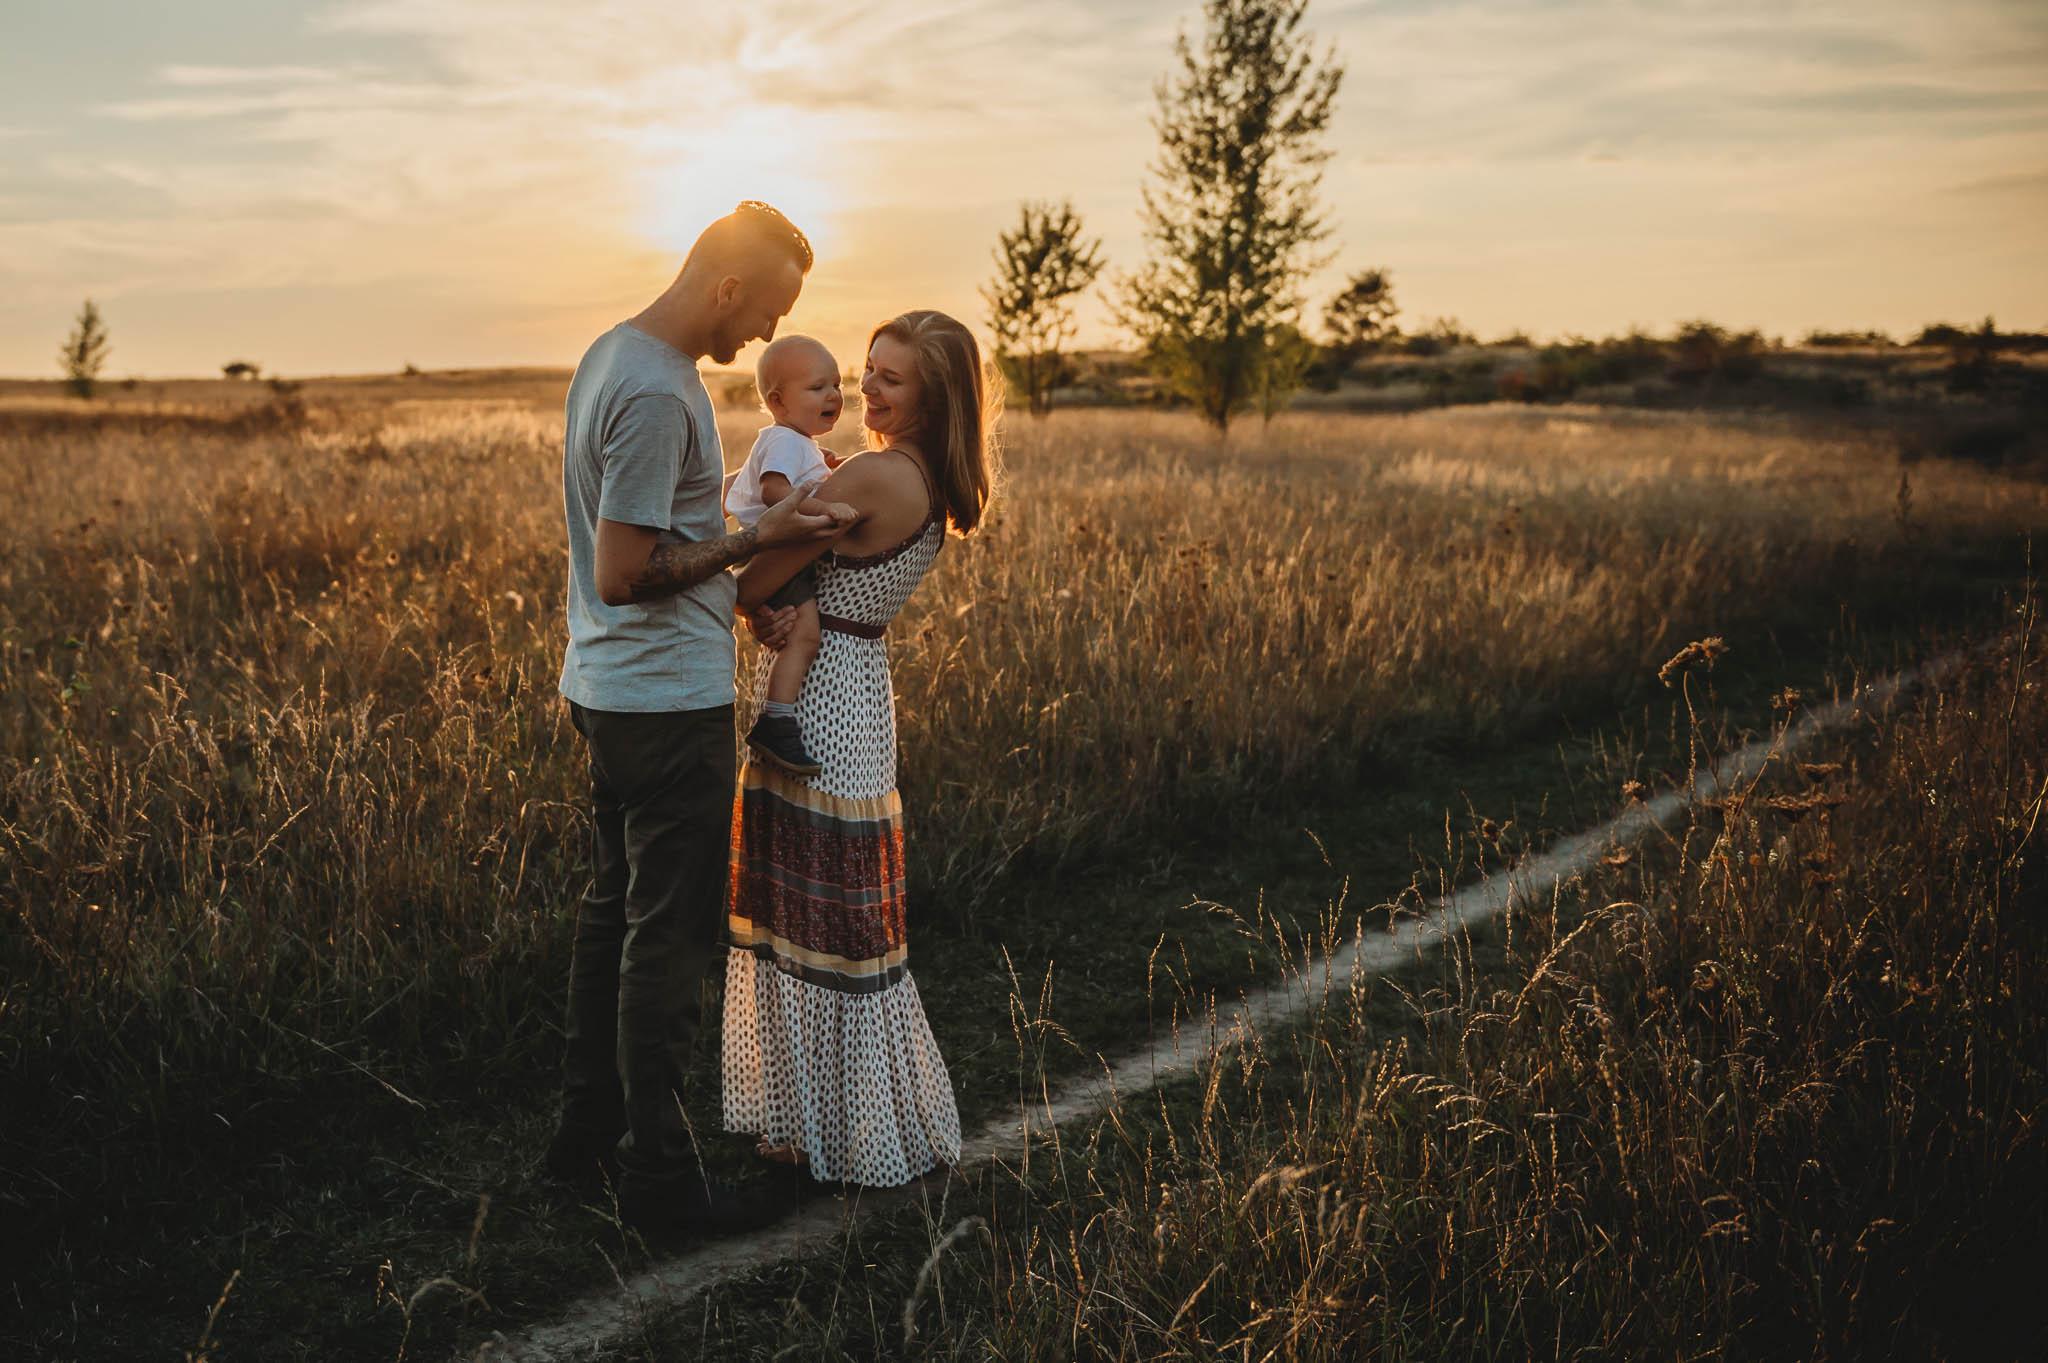 Rodinný fotograf Praha  Pozdně letní rodinné focení